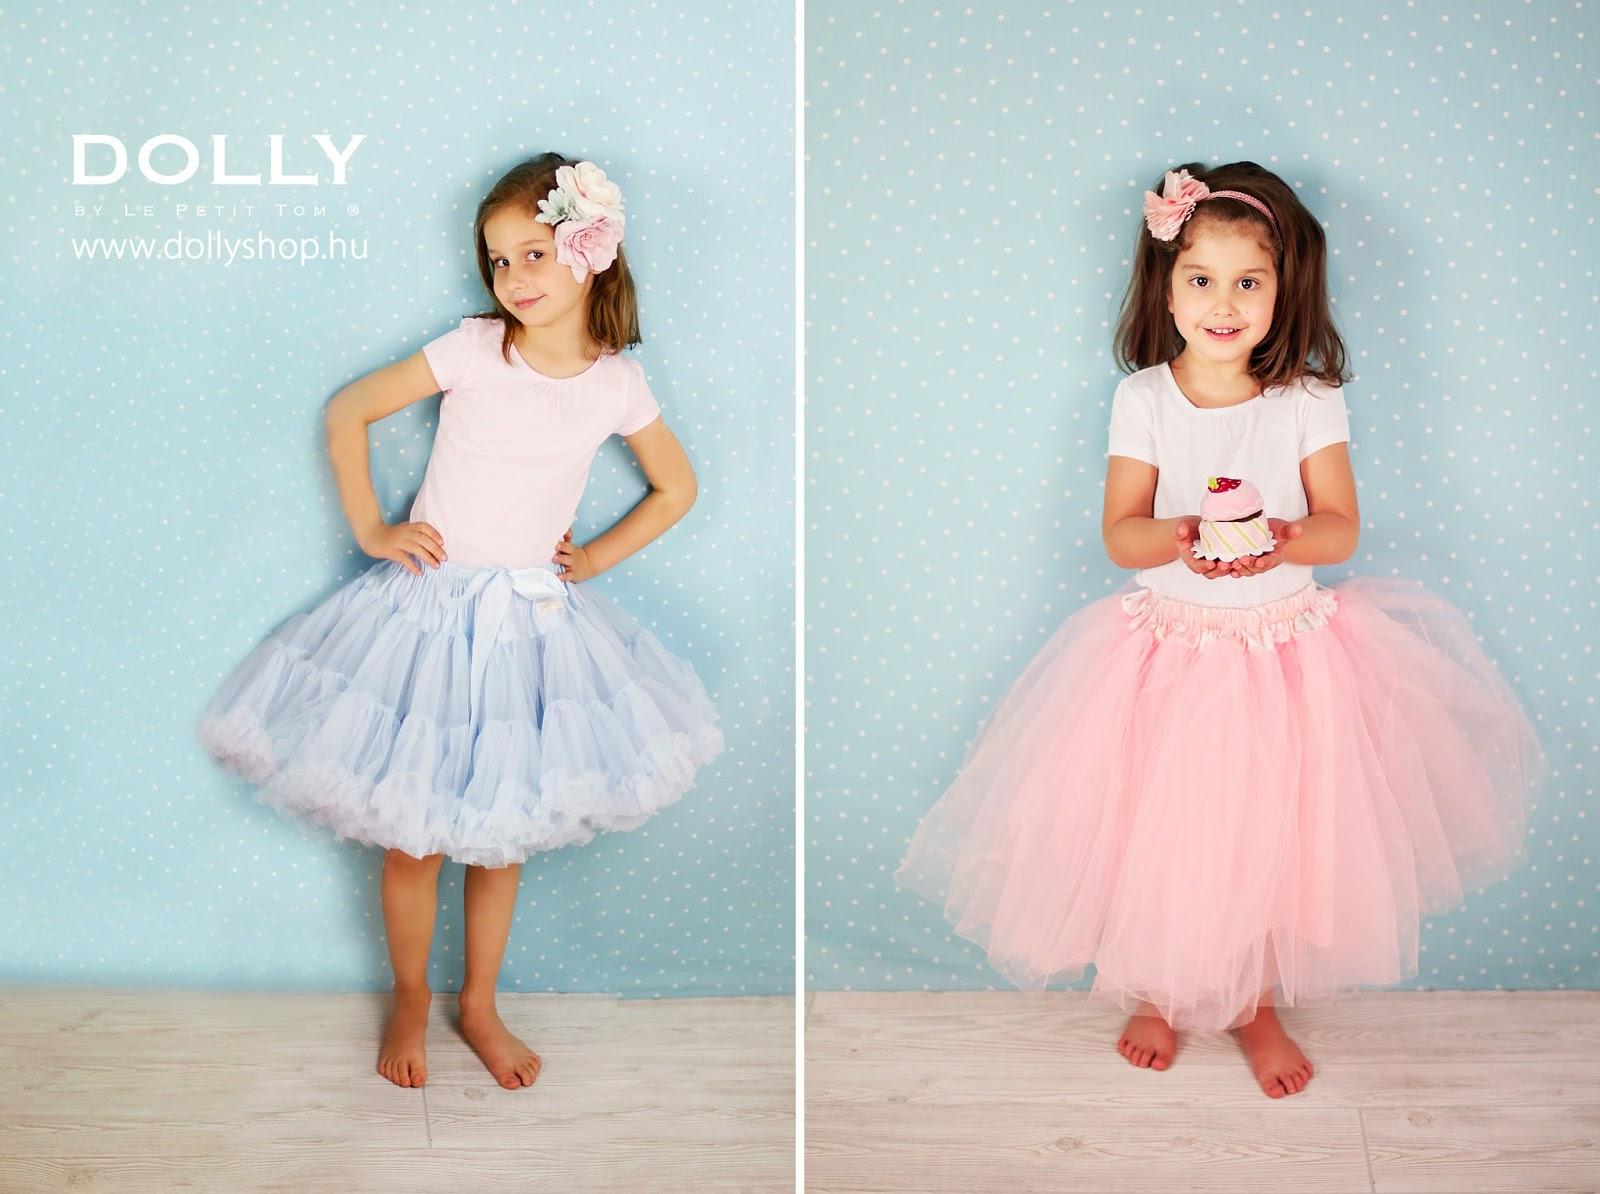 Dolly tüllszoknya kislányoknak